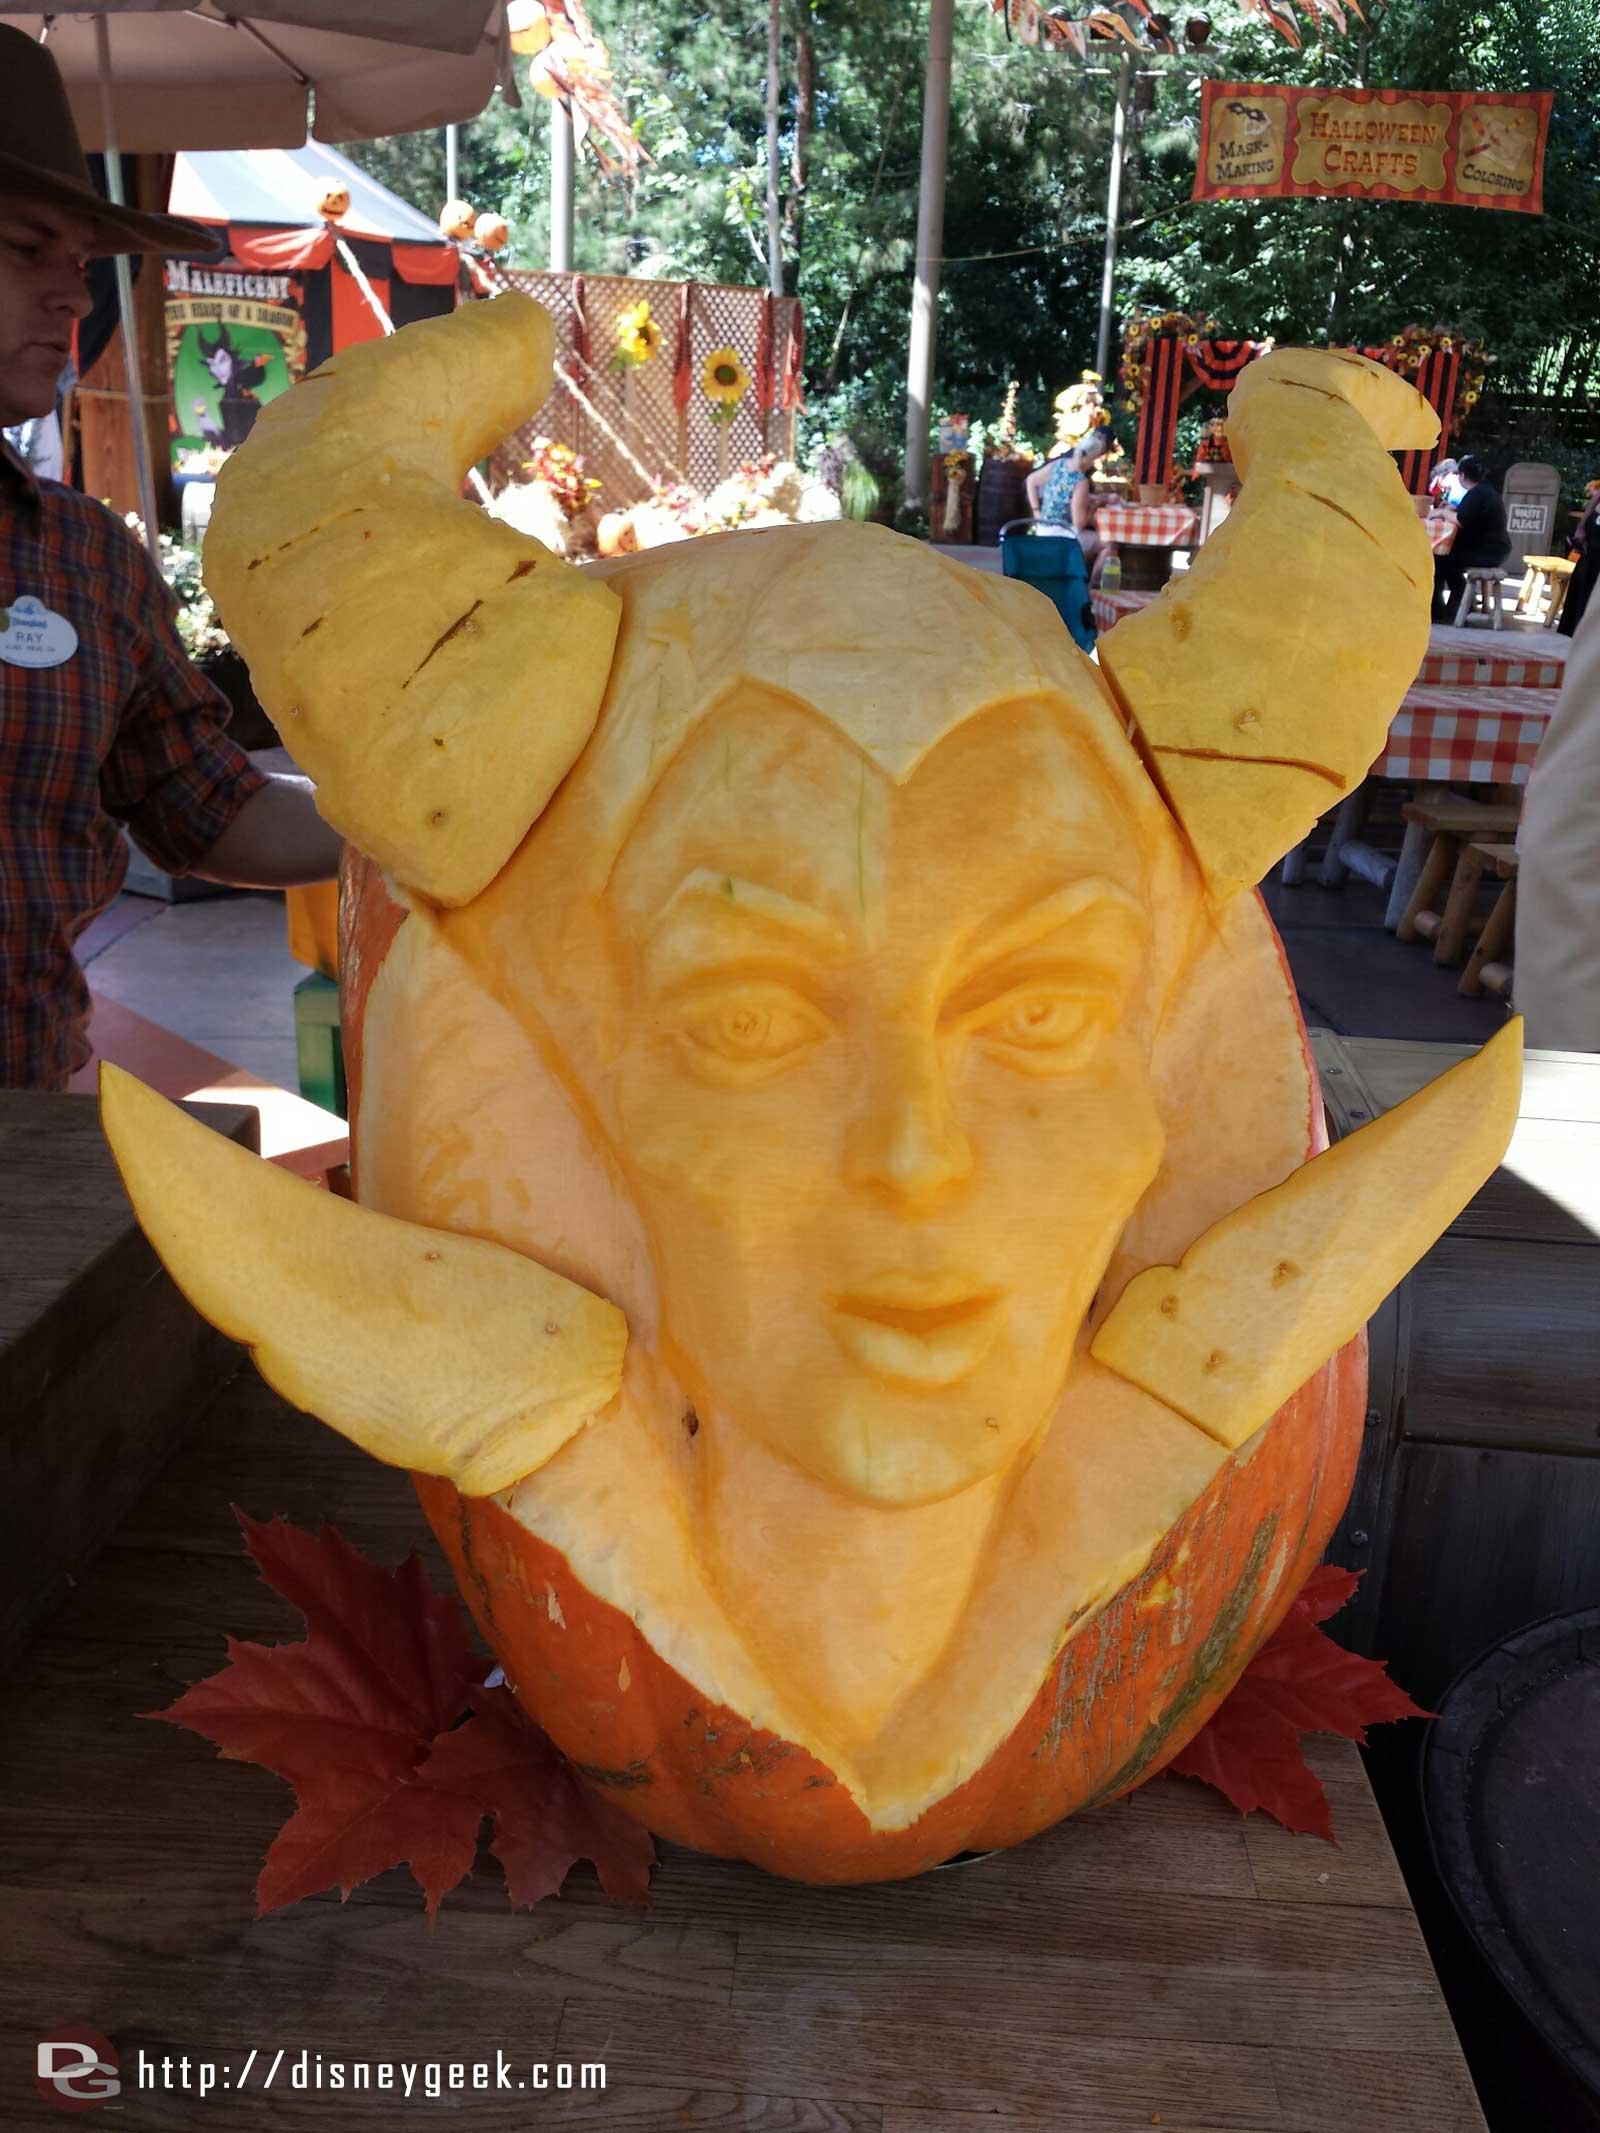 Maleficent – Pumpkin carving at the Big Thunder Ranch Jamboree #Disneyland